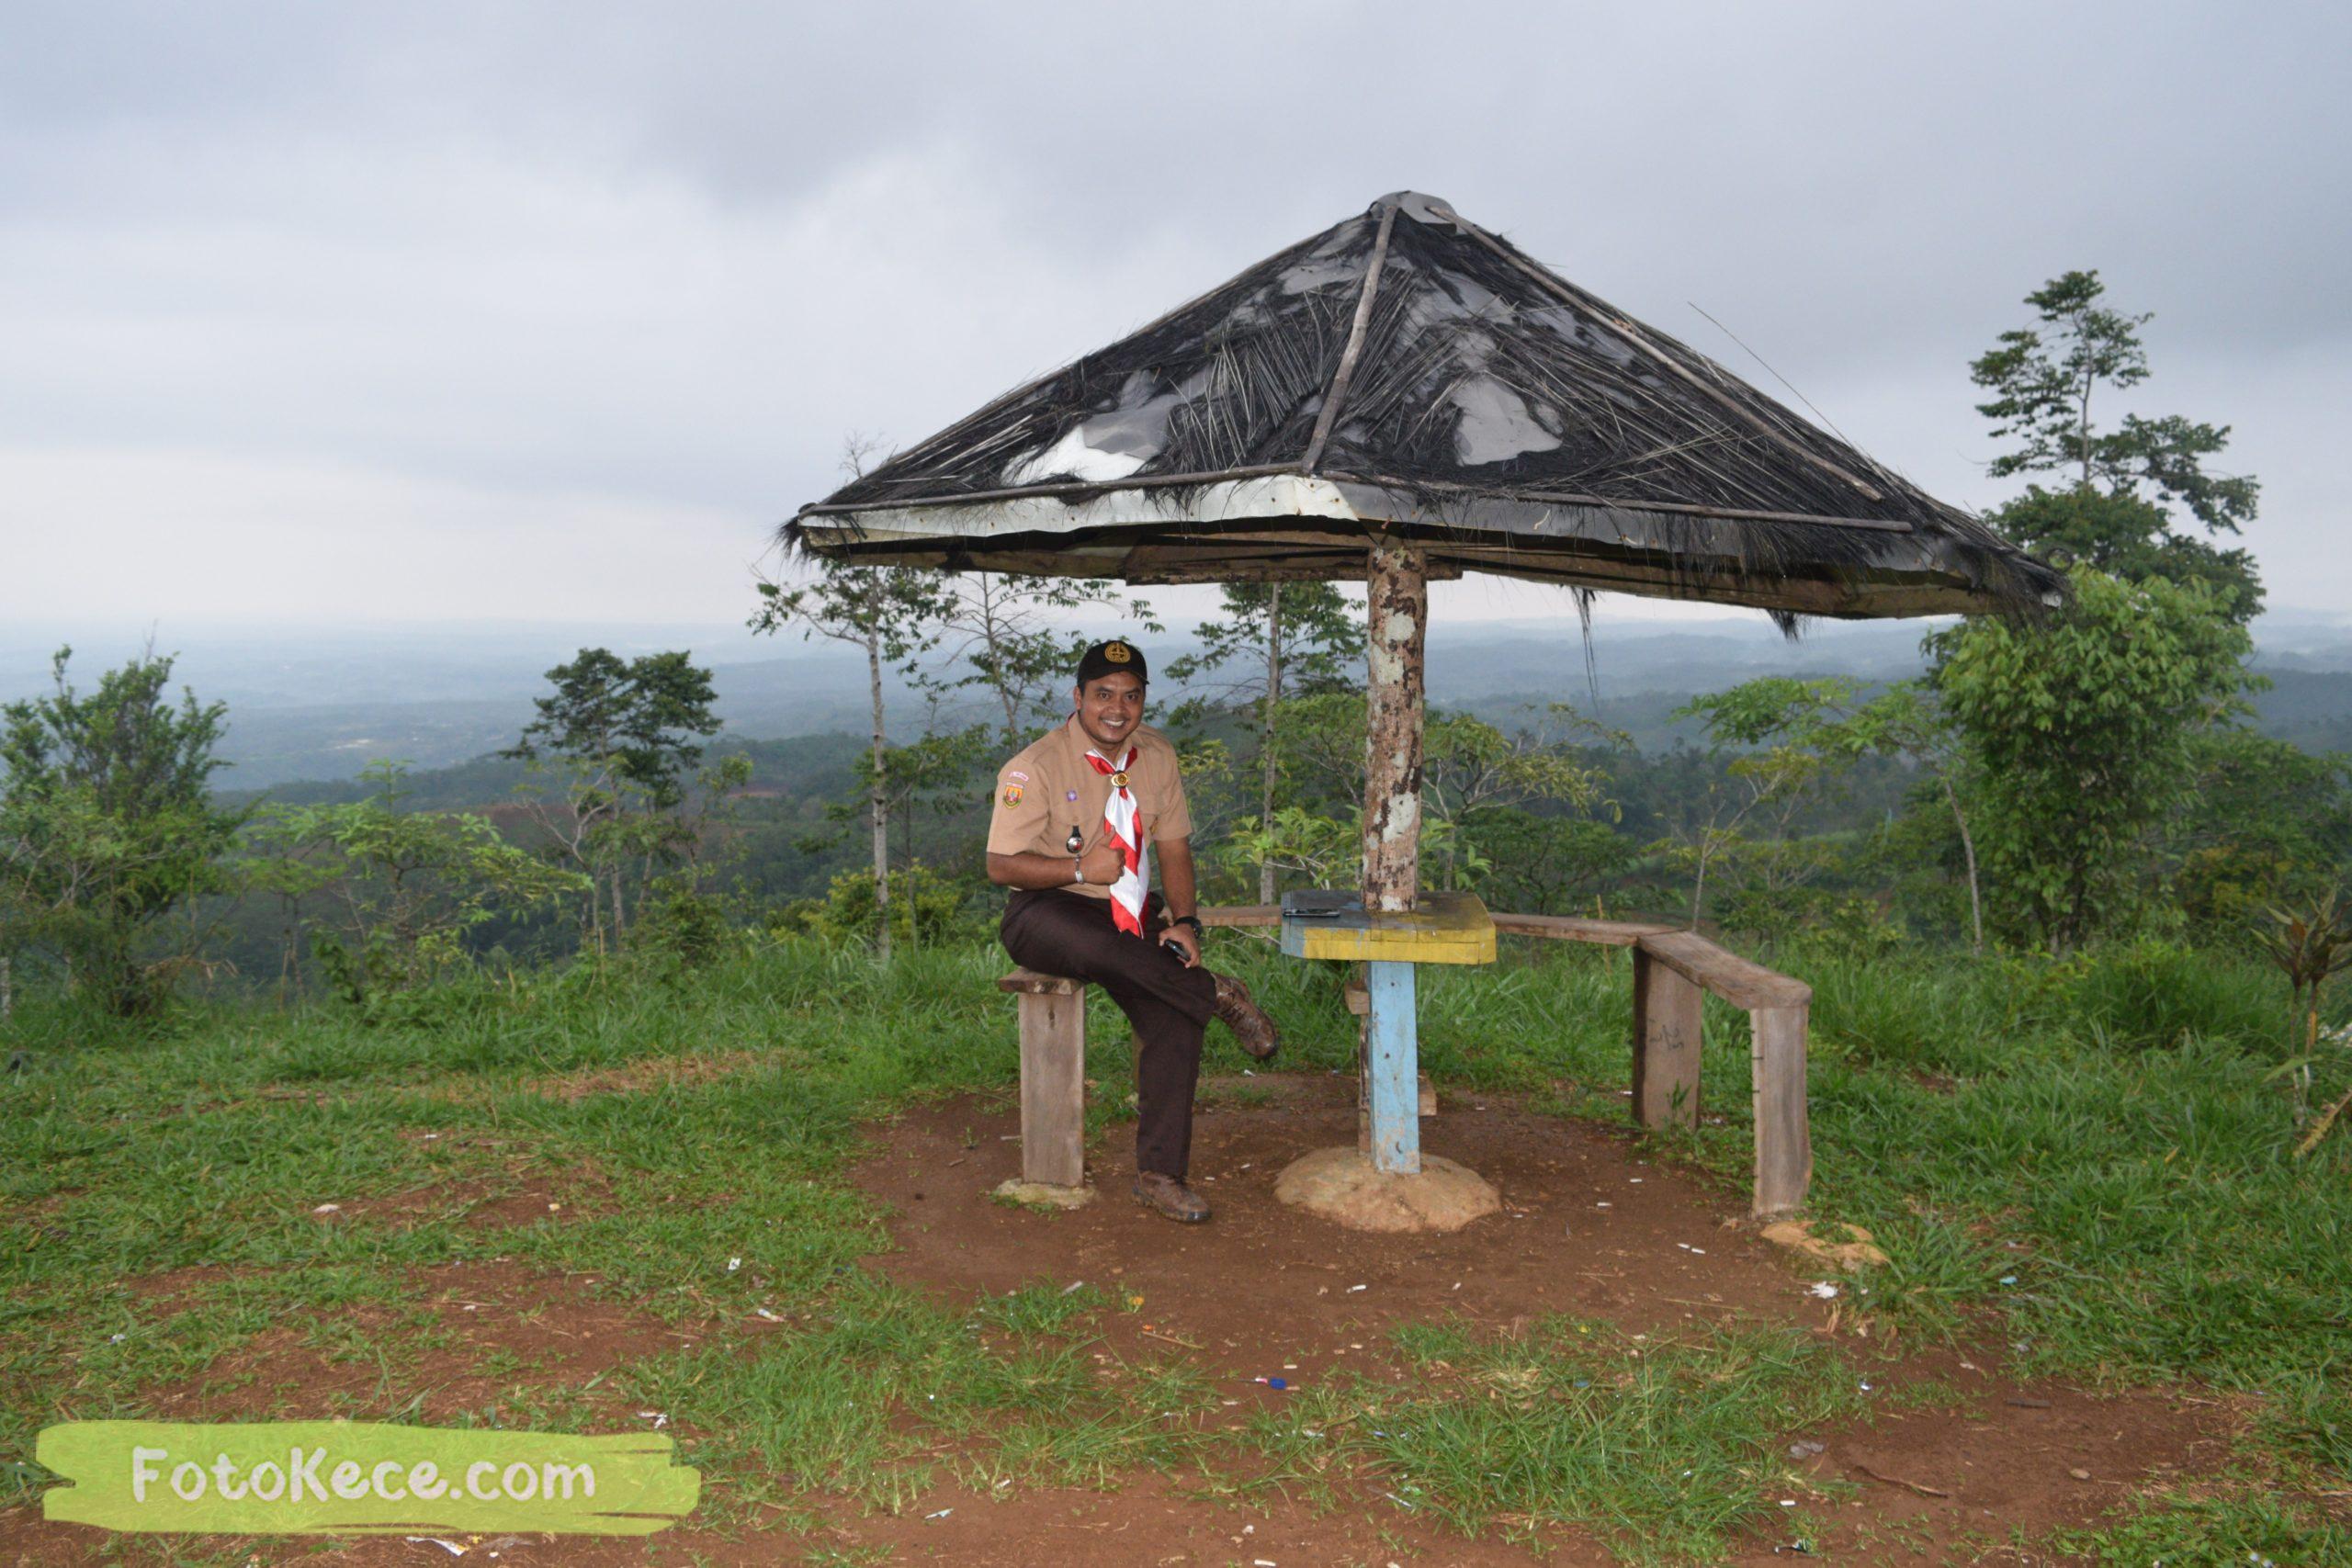 lutfi pada pembukaan perkemahan narakarya 1 mtsn 2 sukabumi 24 25 januari 2020 pramuka hebat wisata alam puncak buluh jampangkulon 81 scaled